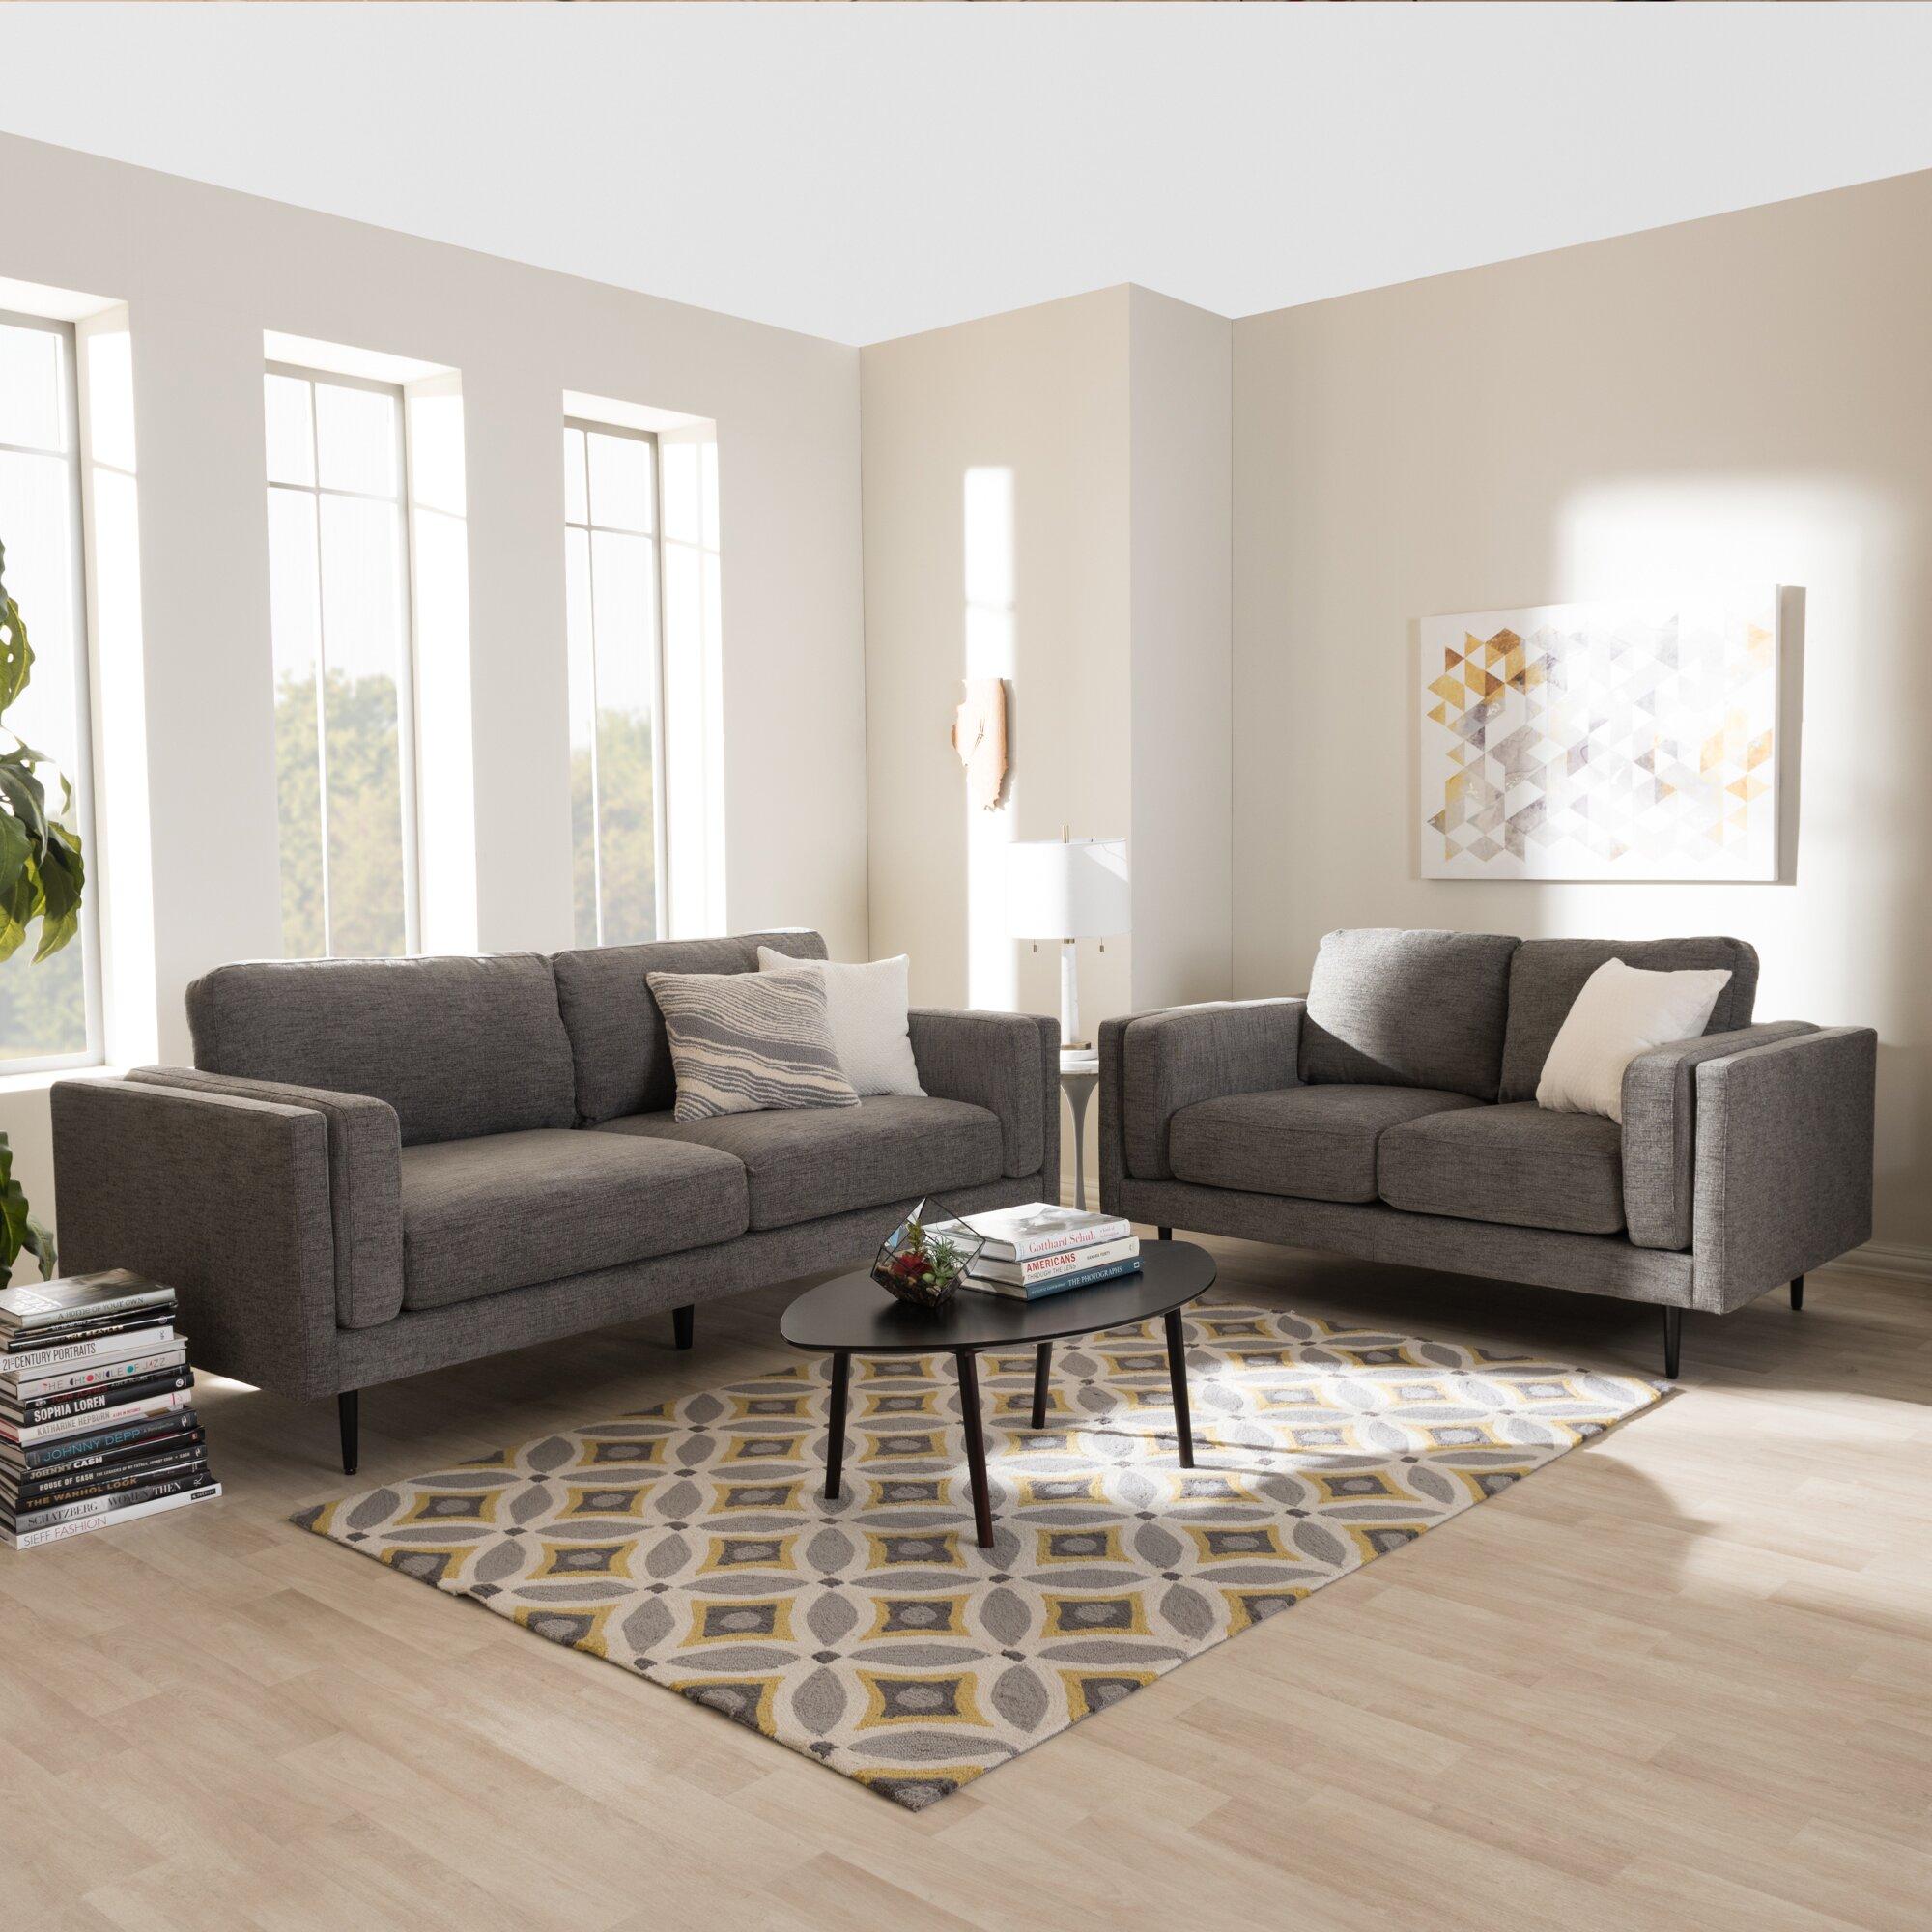 retro living room sets the vintage heavenly living room set 1950 retro living room furniture. Black Bedroom Furniture Sets. Home Design Ideas